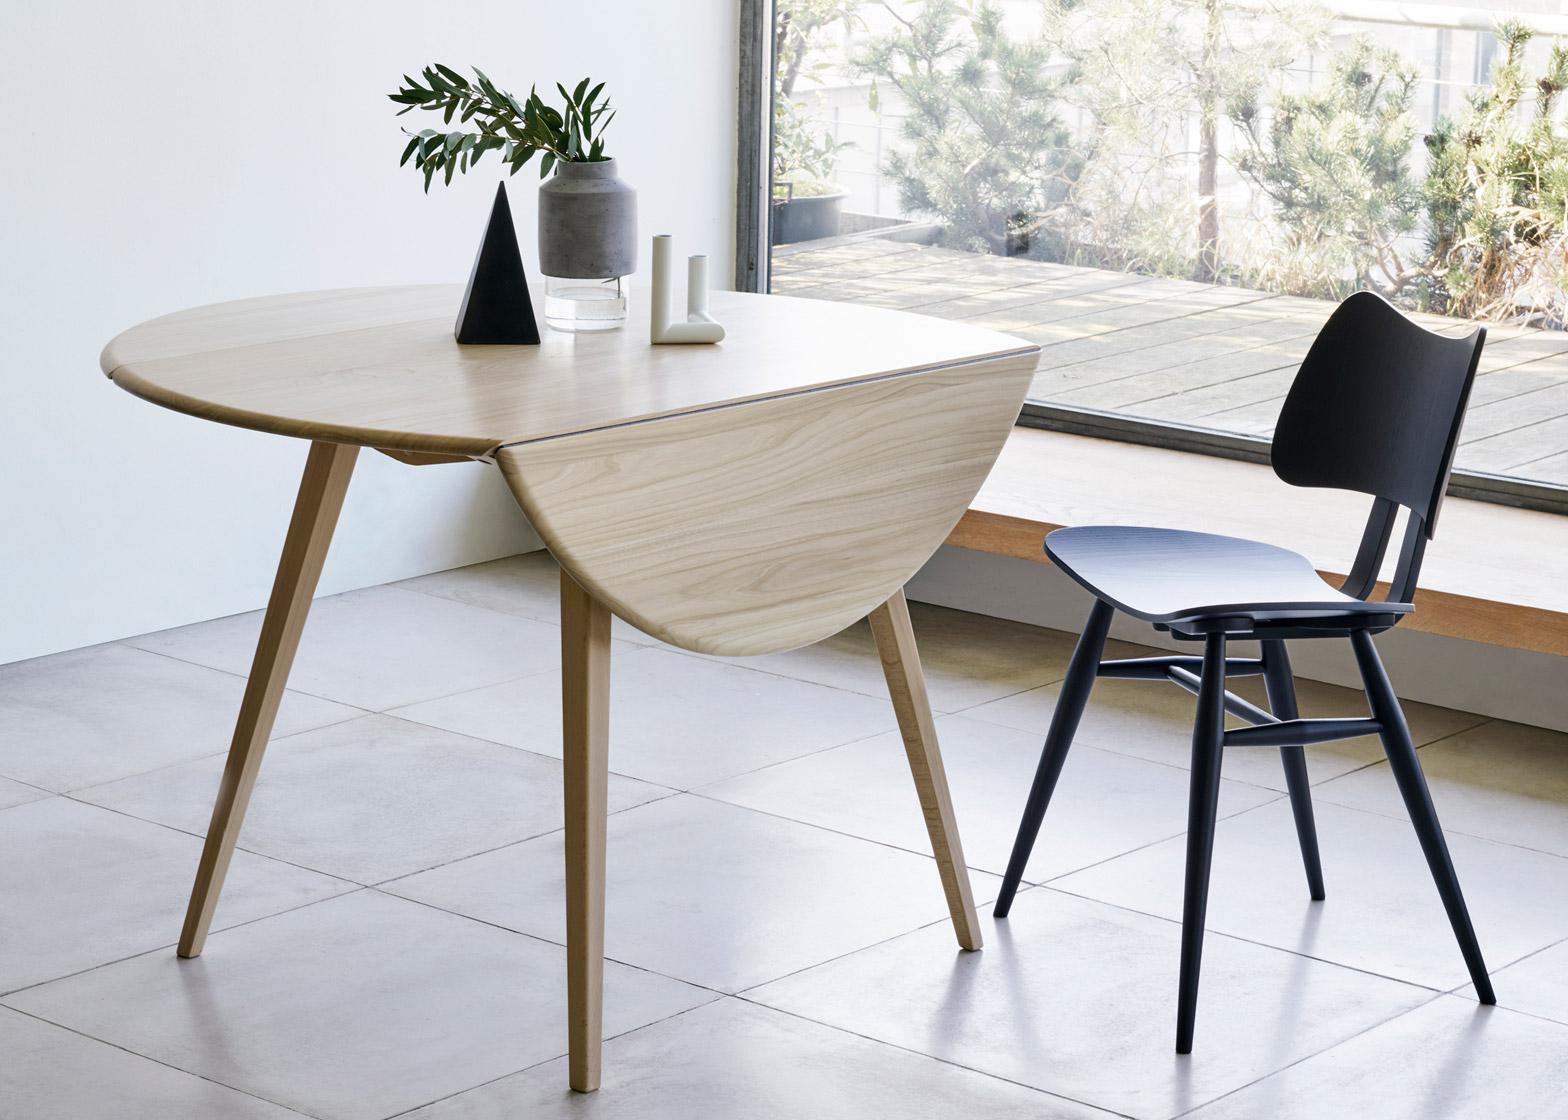 High Quality Ercol Furniture Launching At Milan Design Week 2016